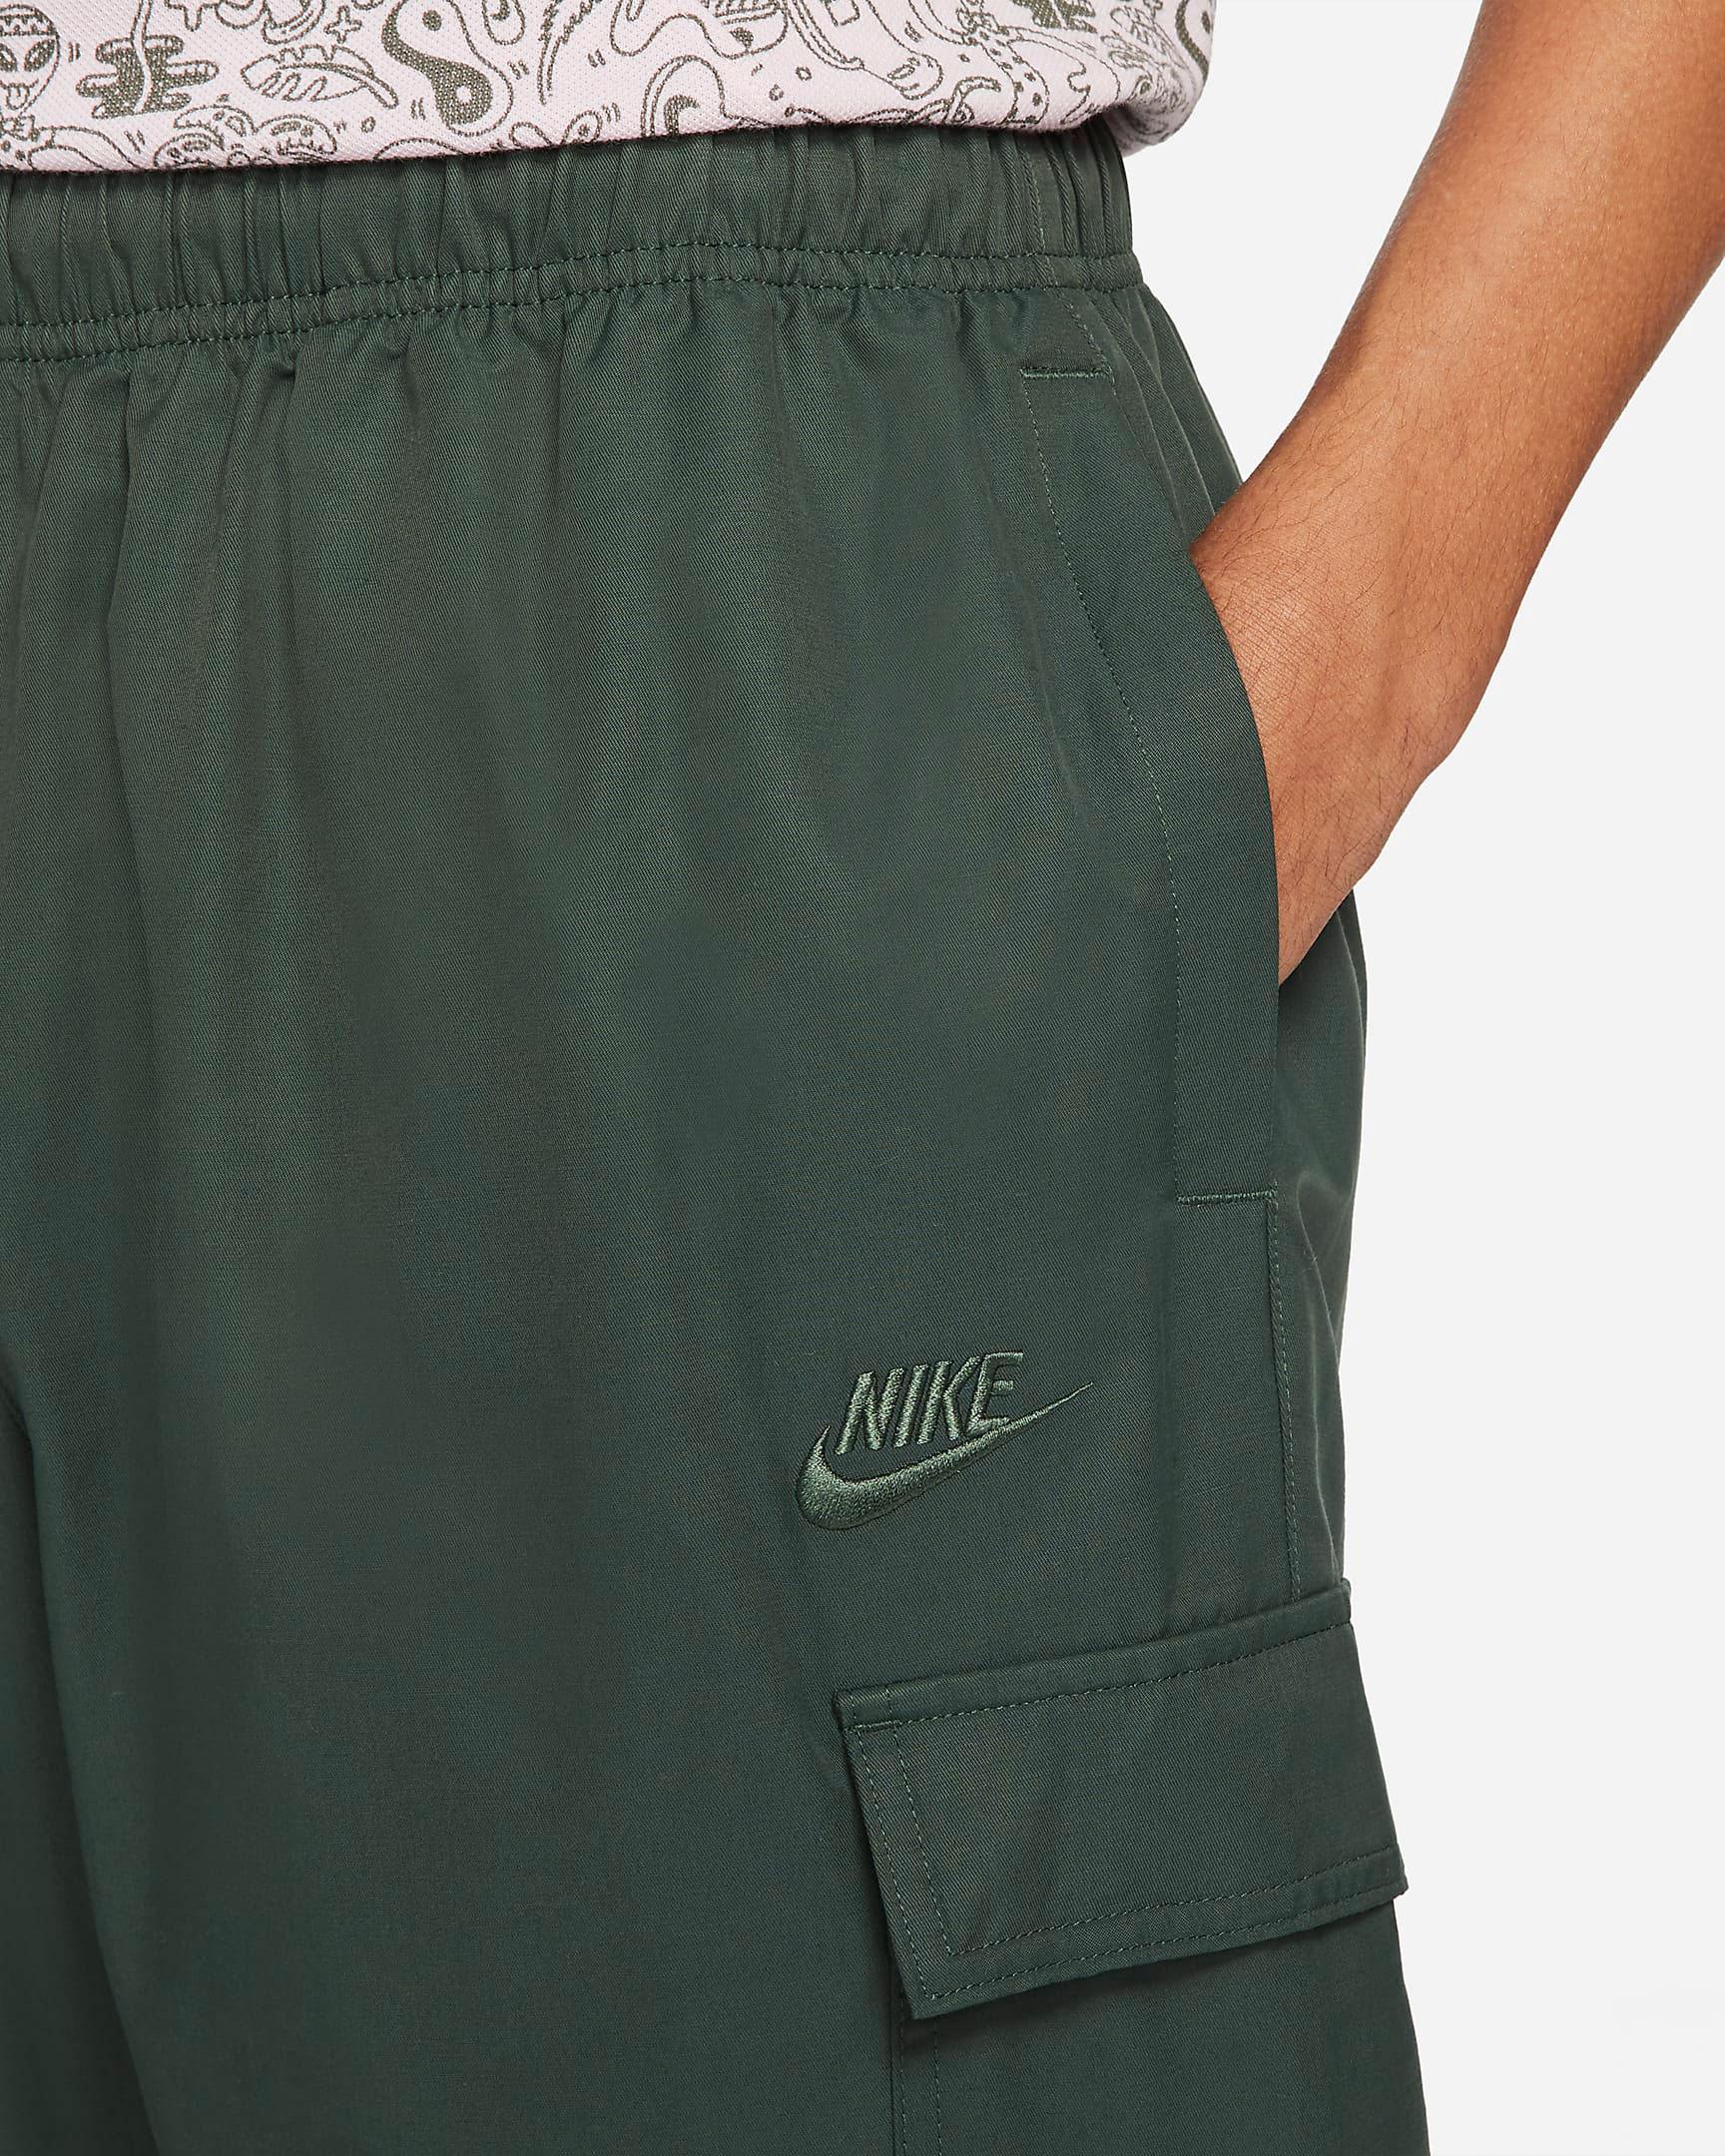 nike-galactic-jade-woven-cargo-pants-2